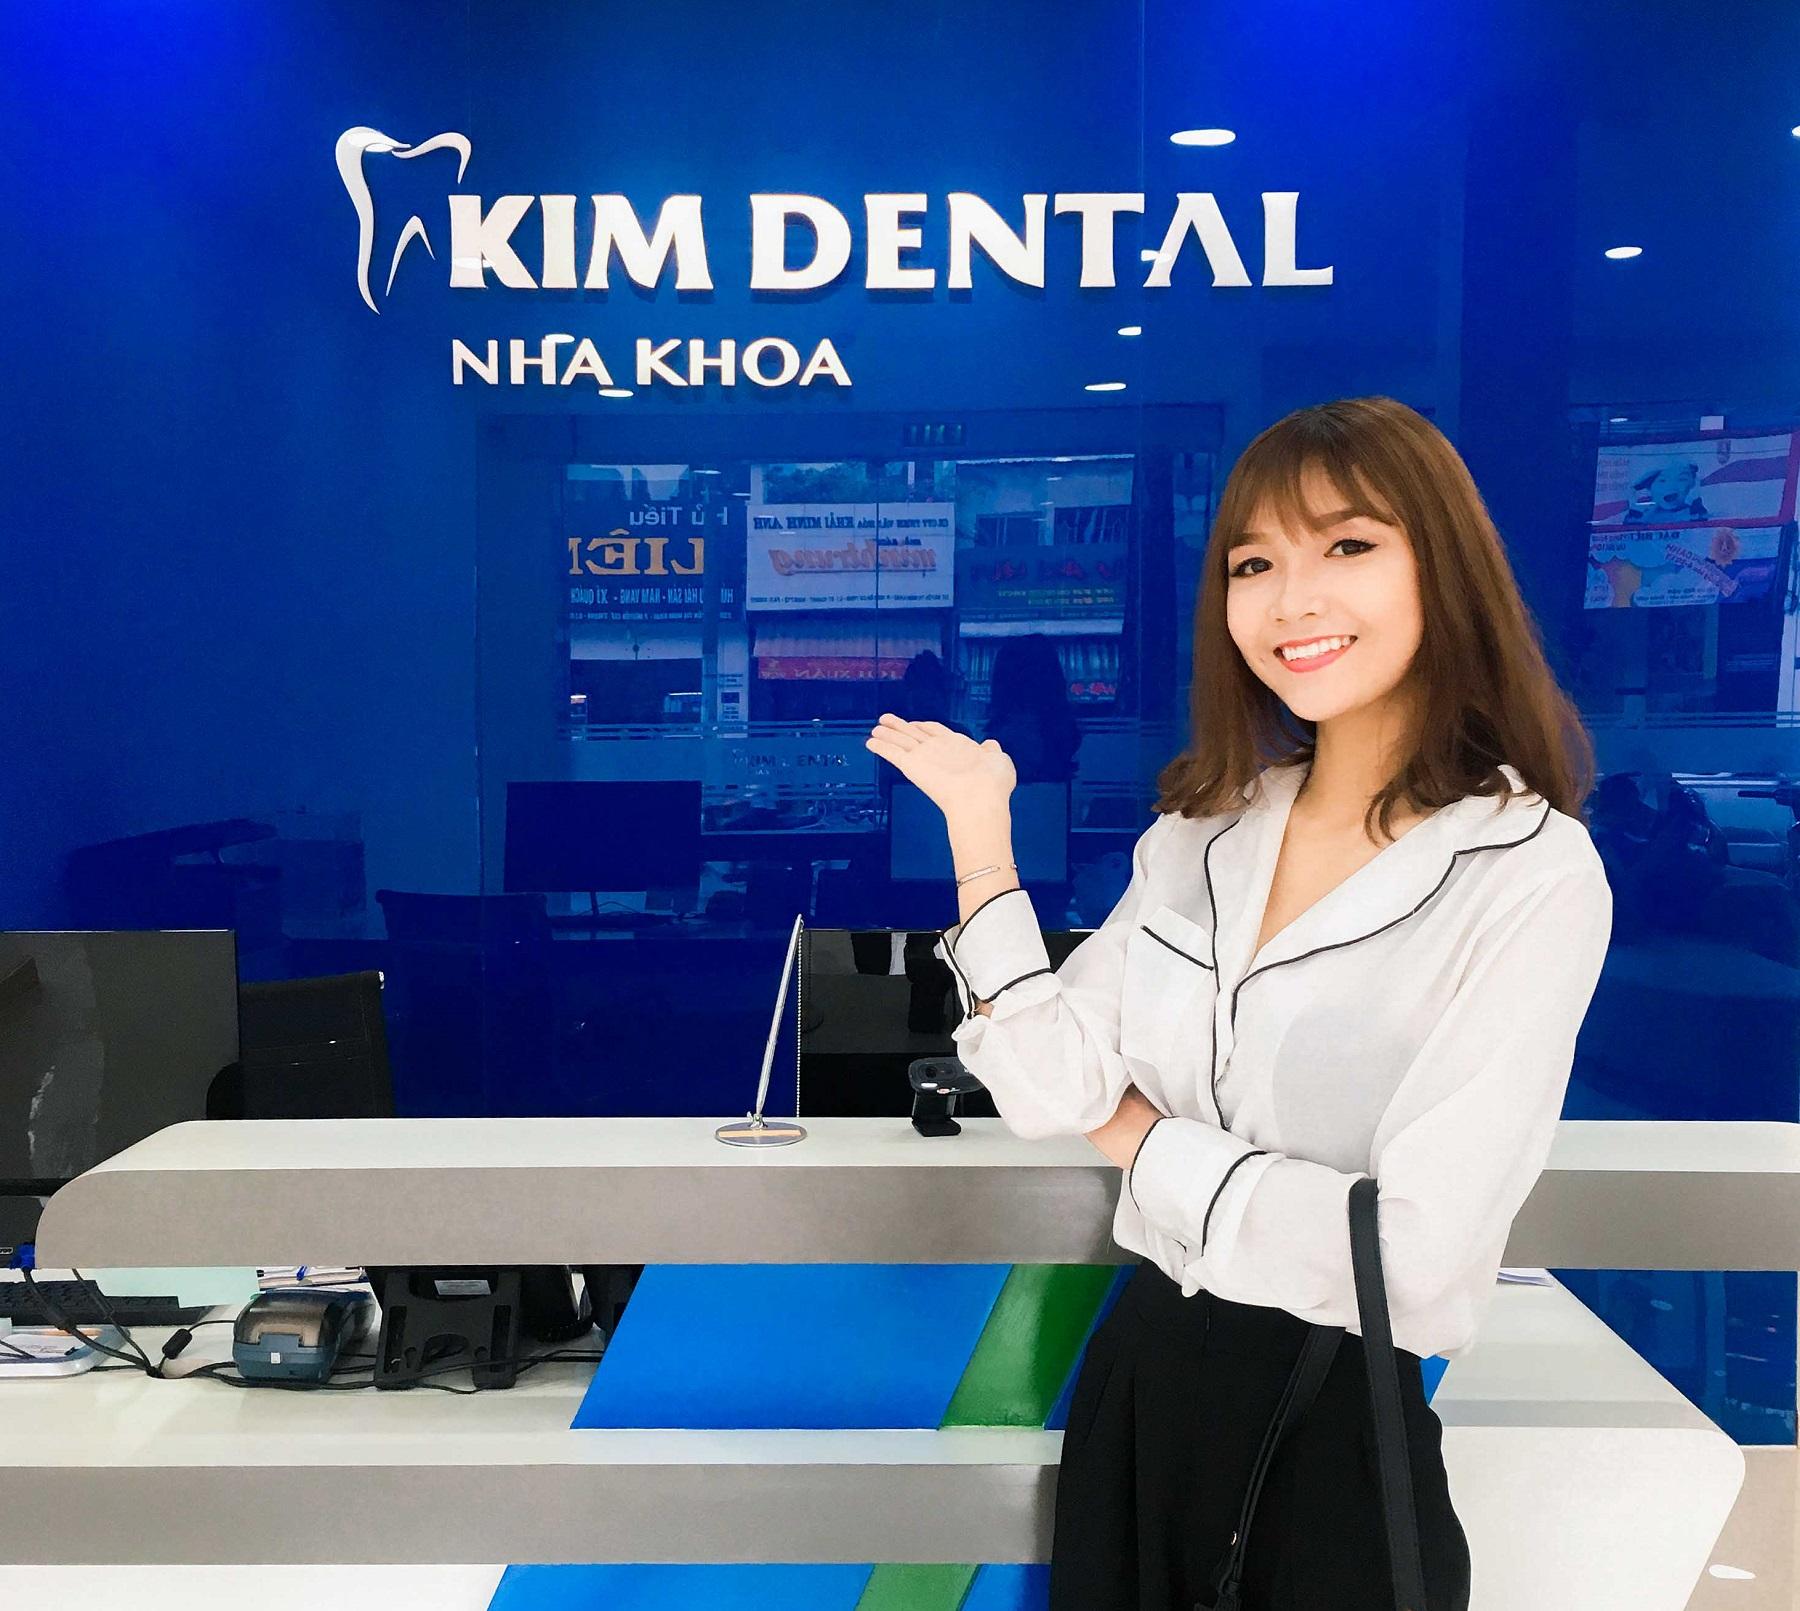 răng sứ Nha khoa Kim -1